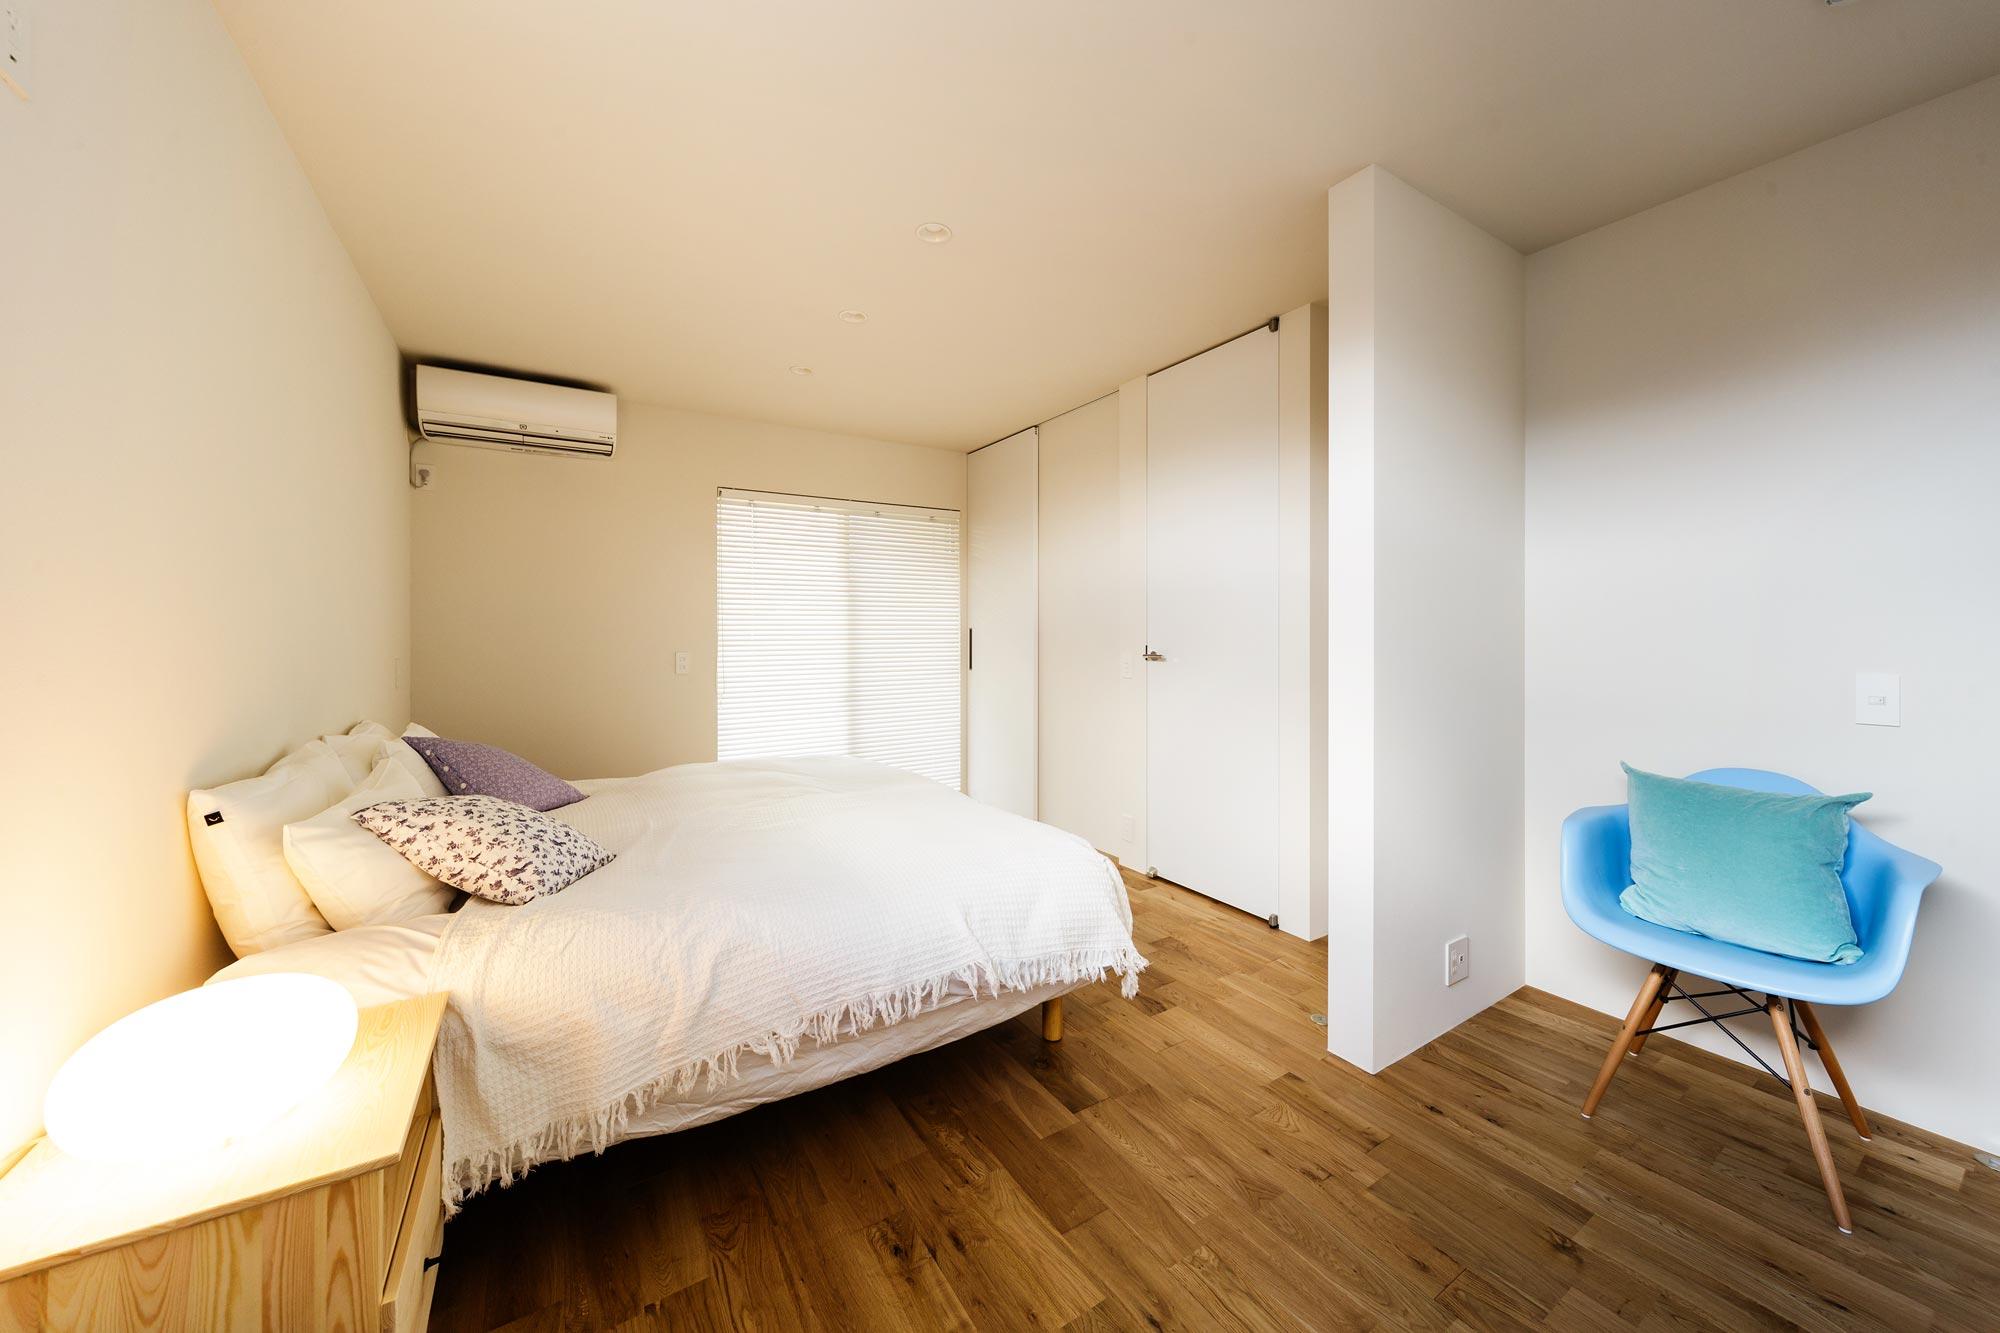 主寝室: 将来は間を仕切ってふたつの部屋にわけることができるよう、あらかじめ扉や収納、配線などに配慮しています